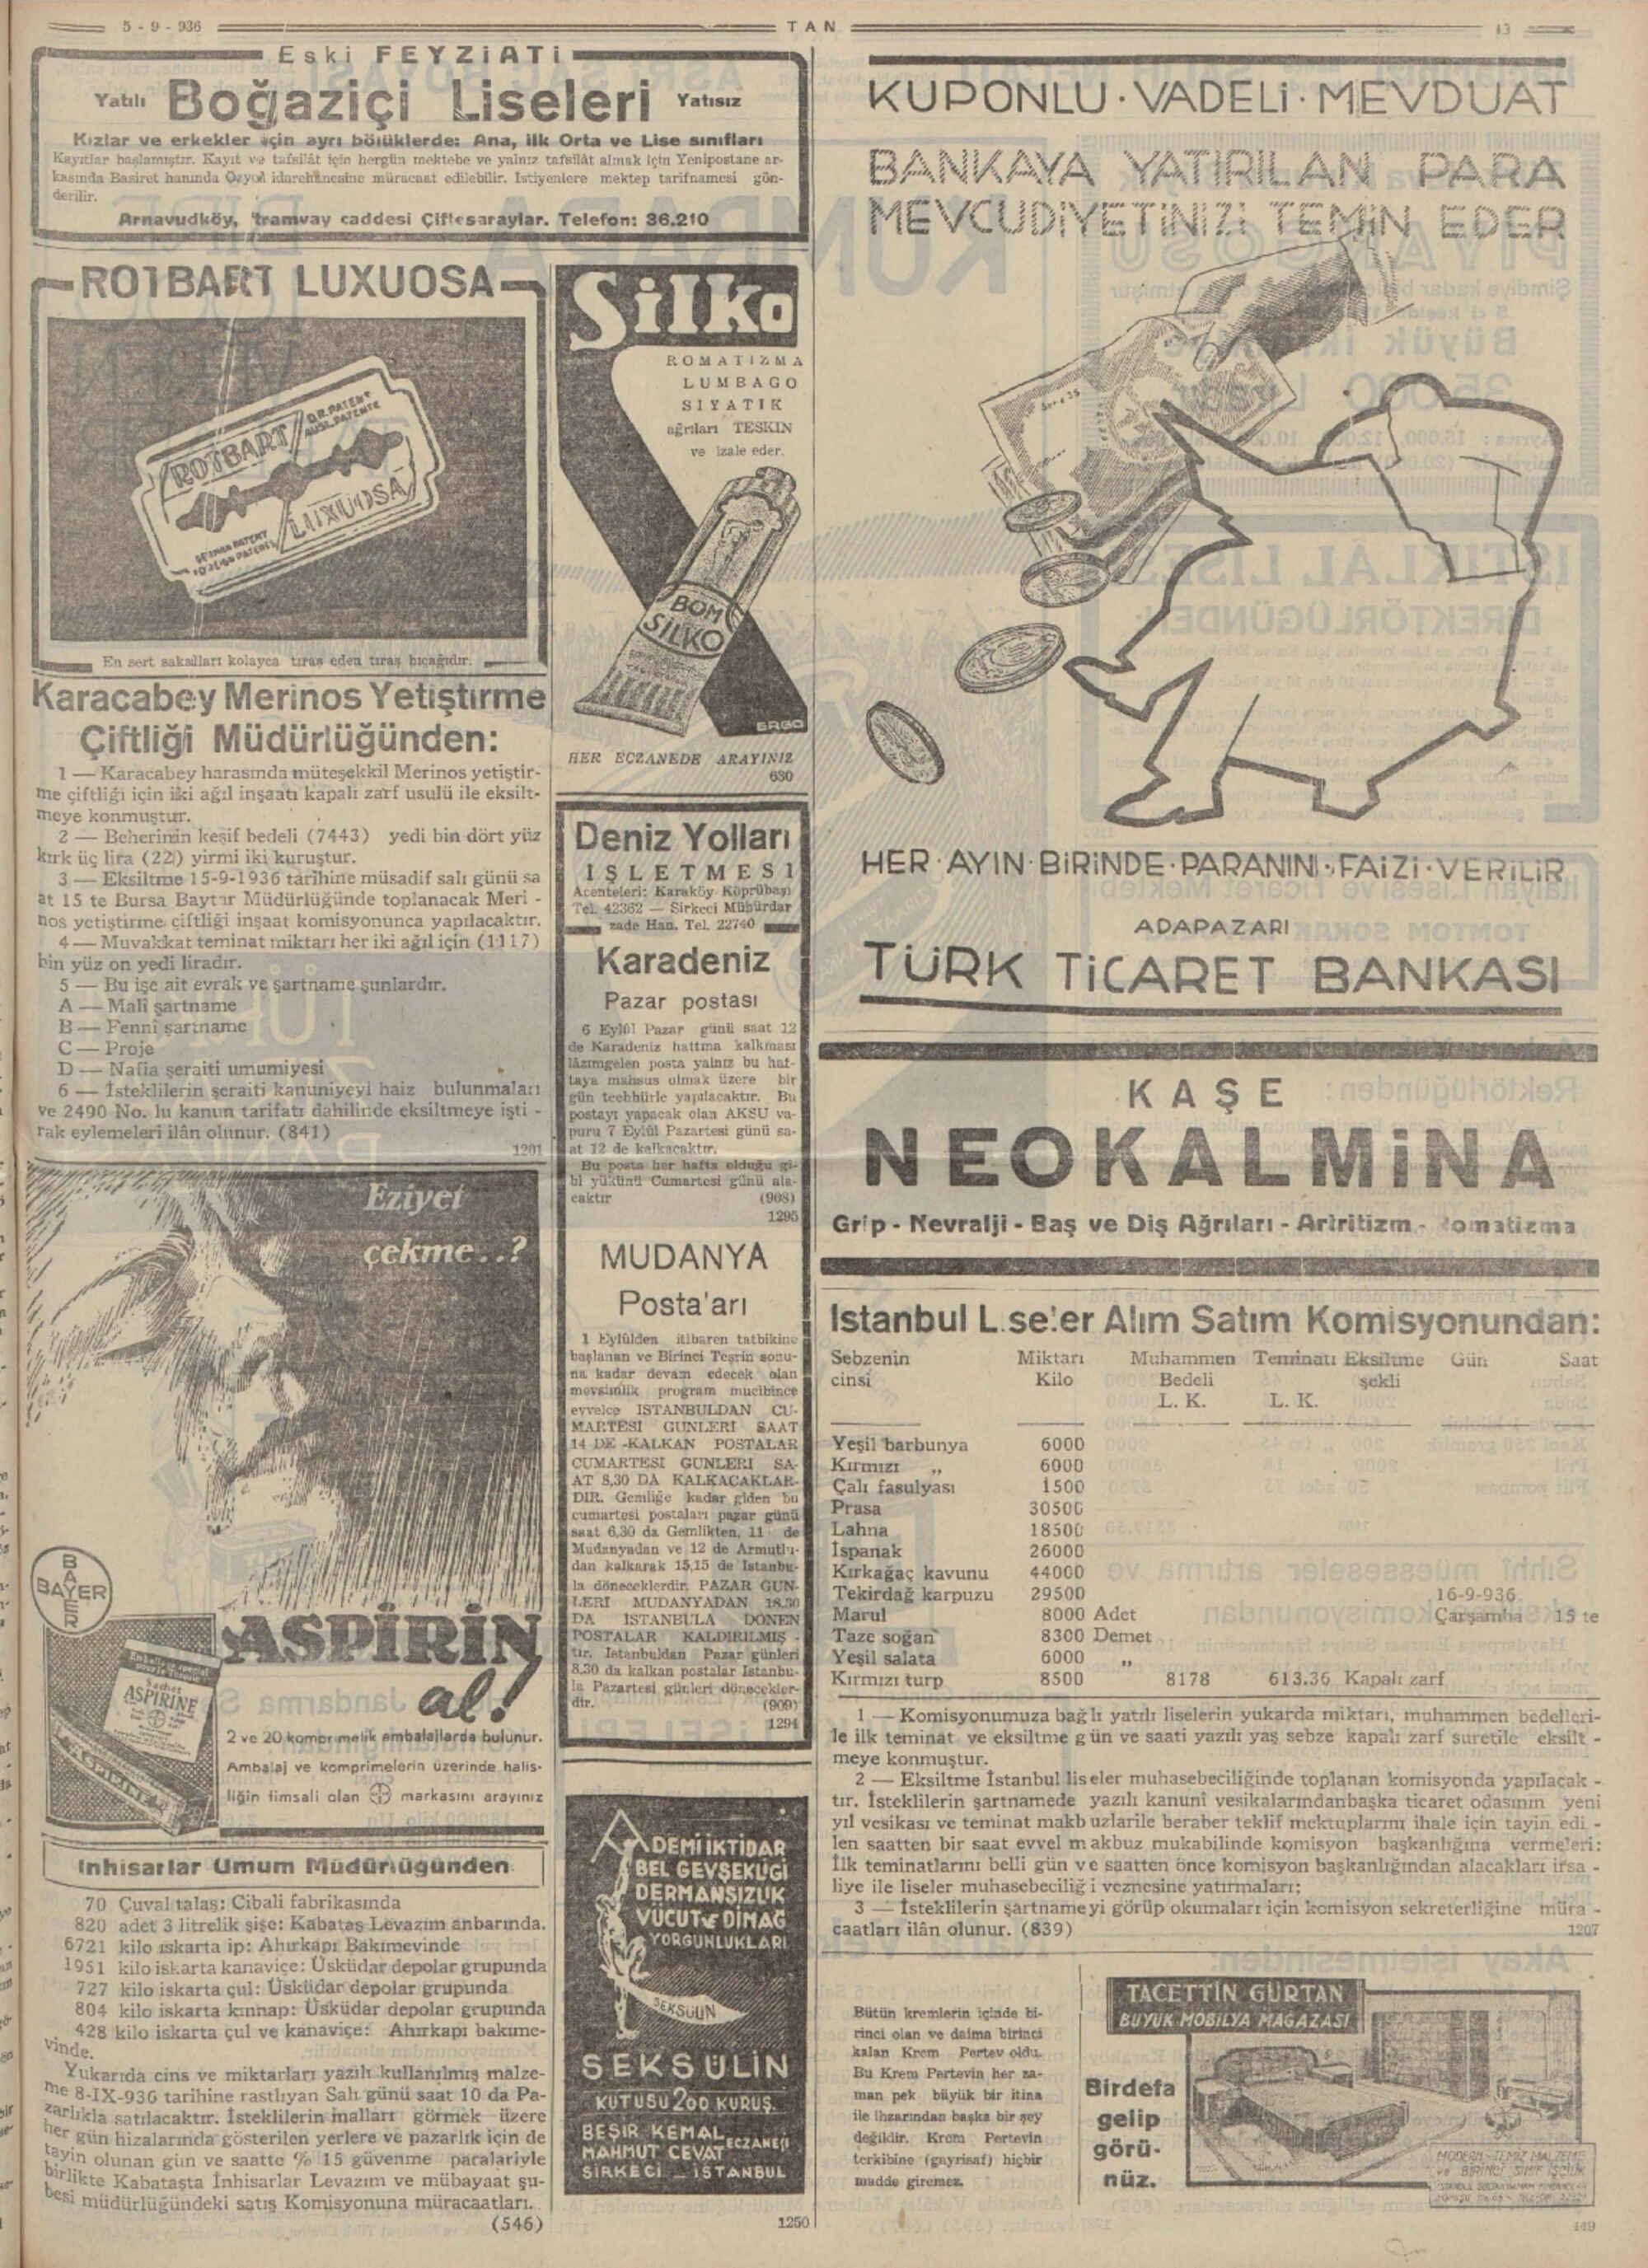 5 Eylül 1936 Tarihli Tan Gazetesi Sayfa 13